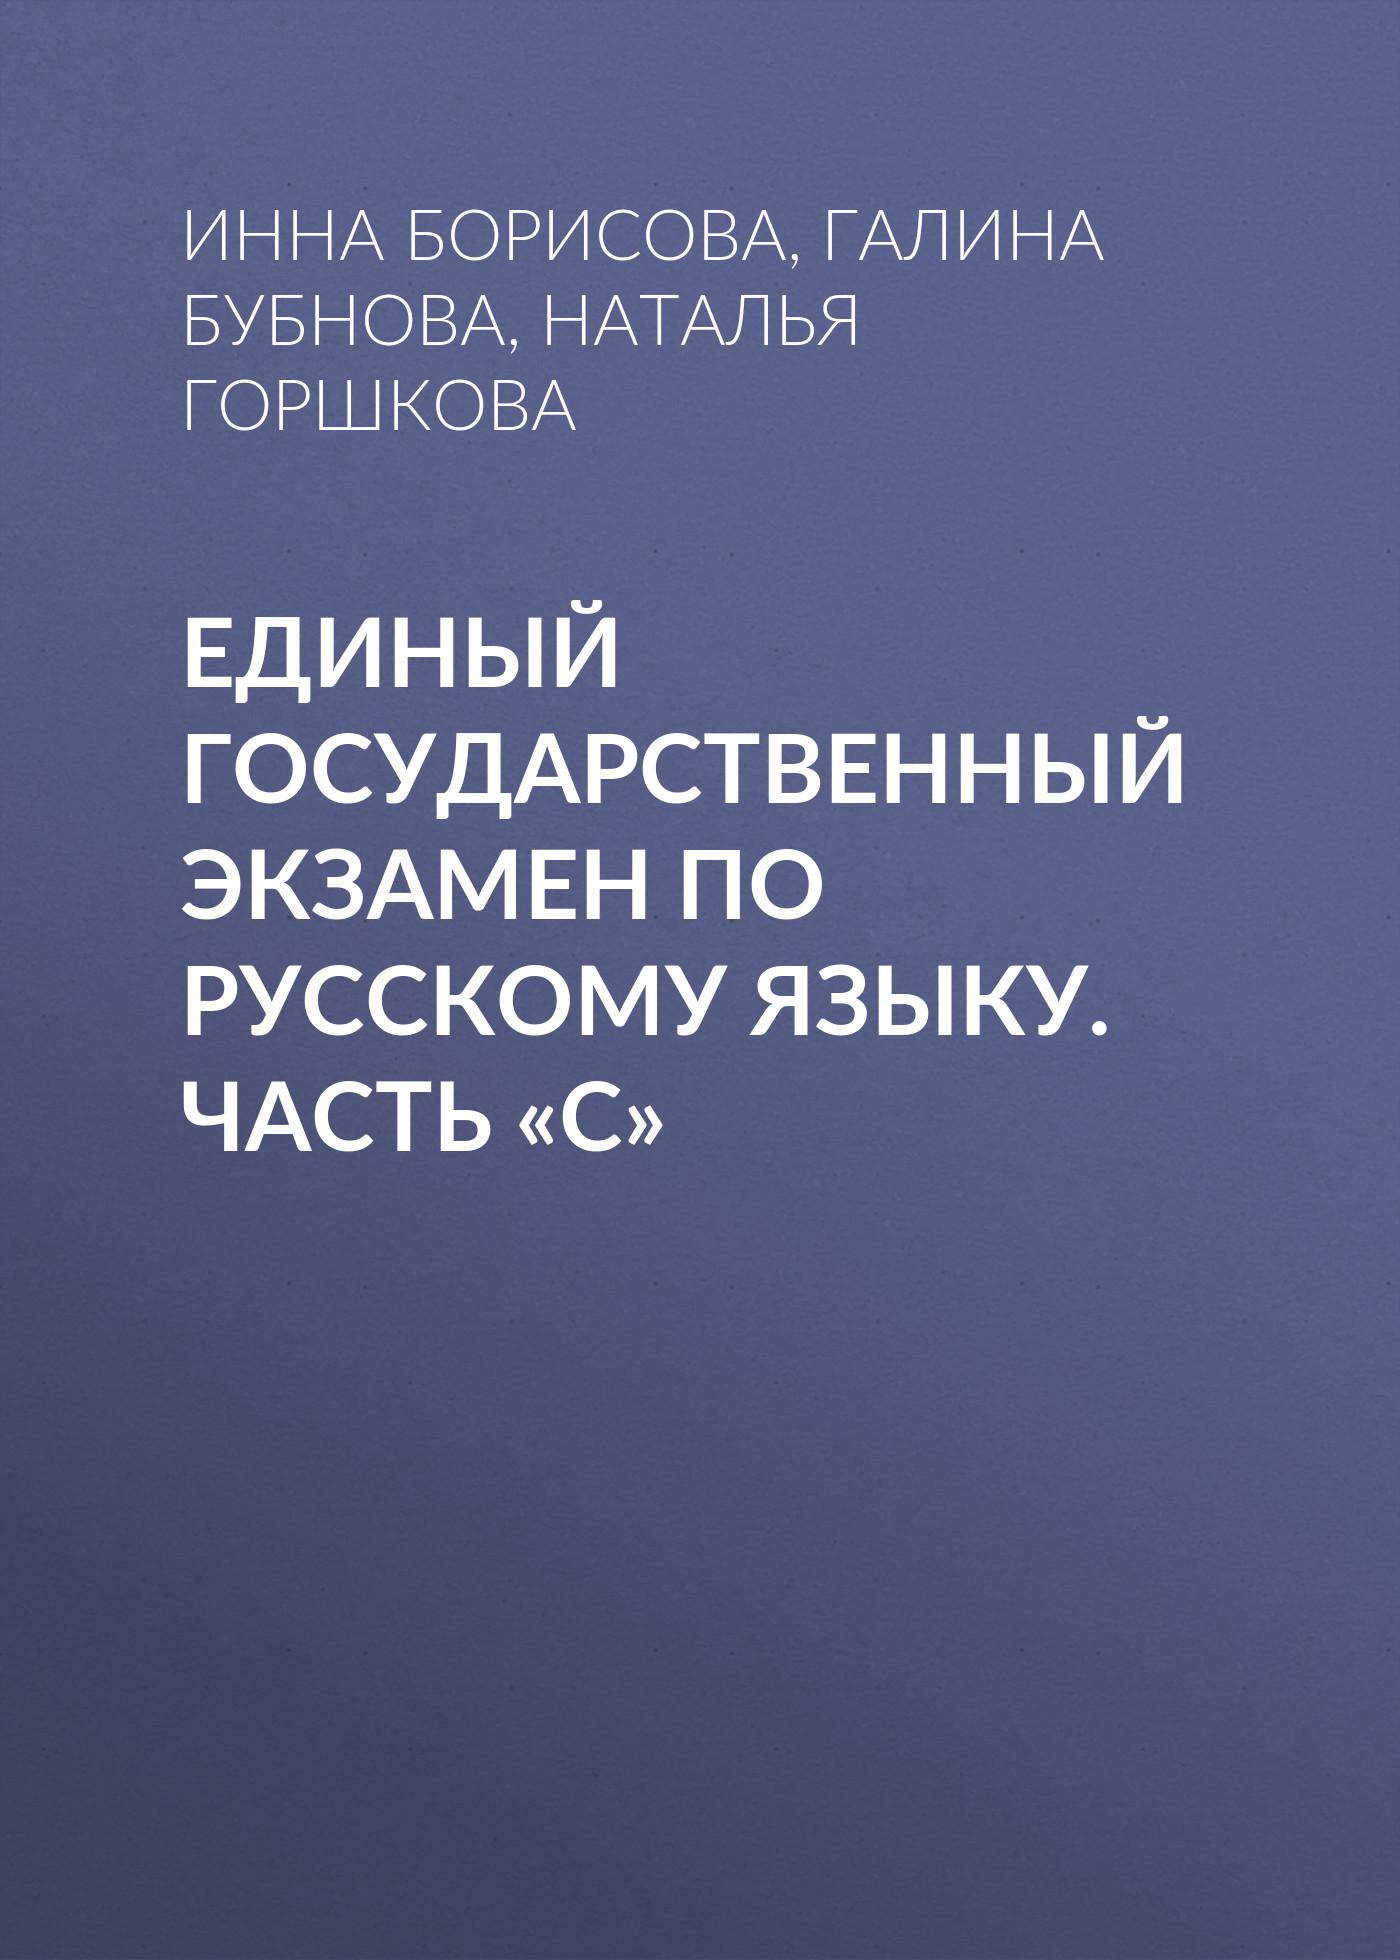 Единый государственный экзамен по русскому языку. Часть «С»